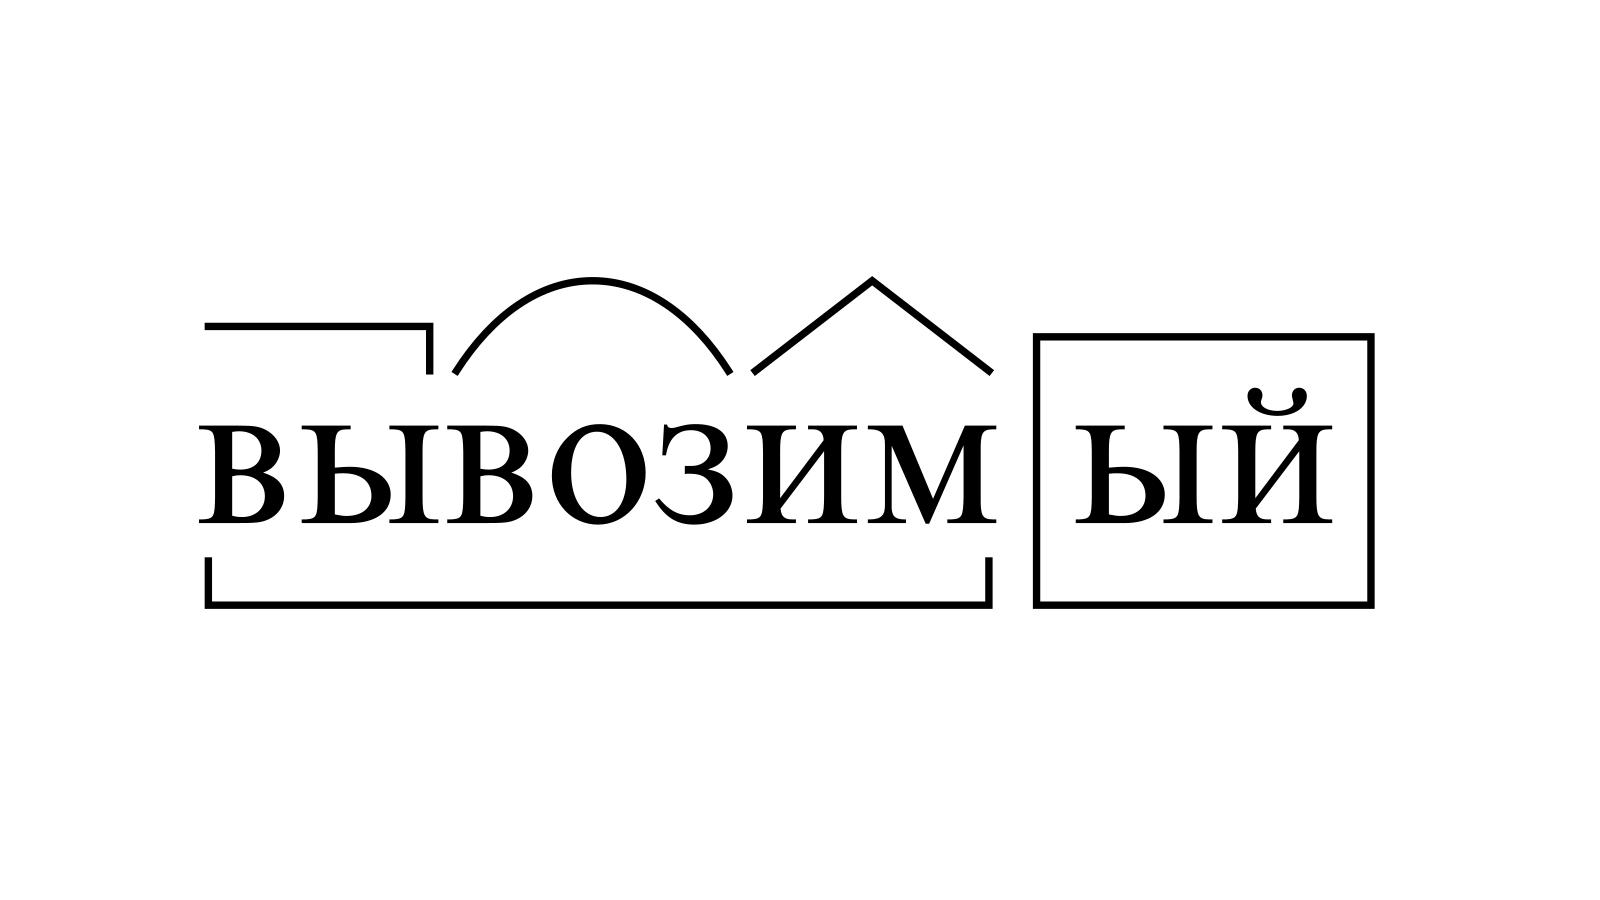 Разбор слова «вывозимый» по составу